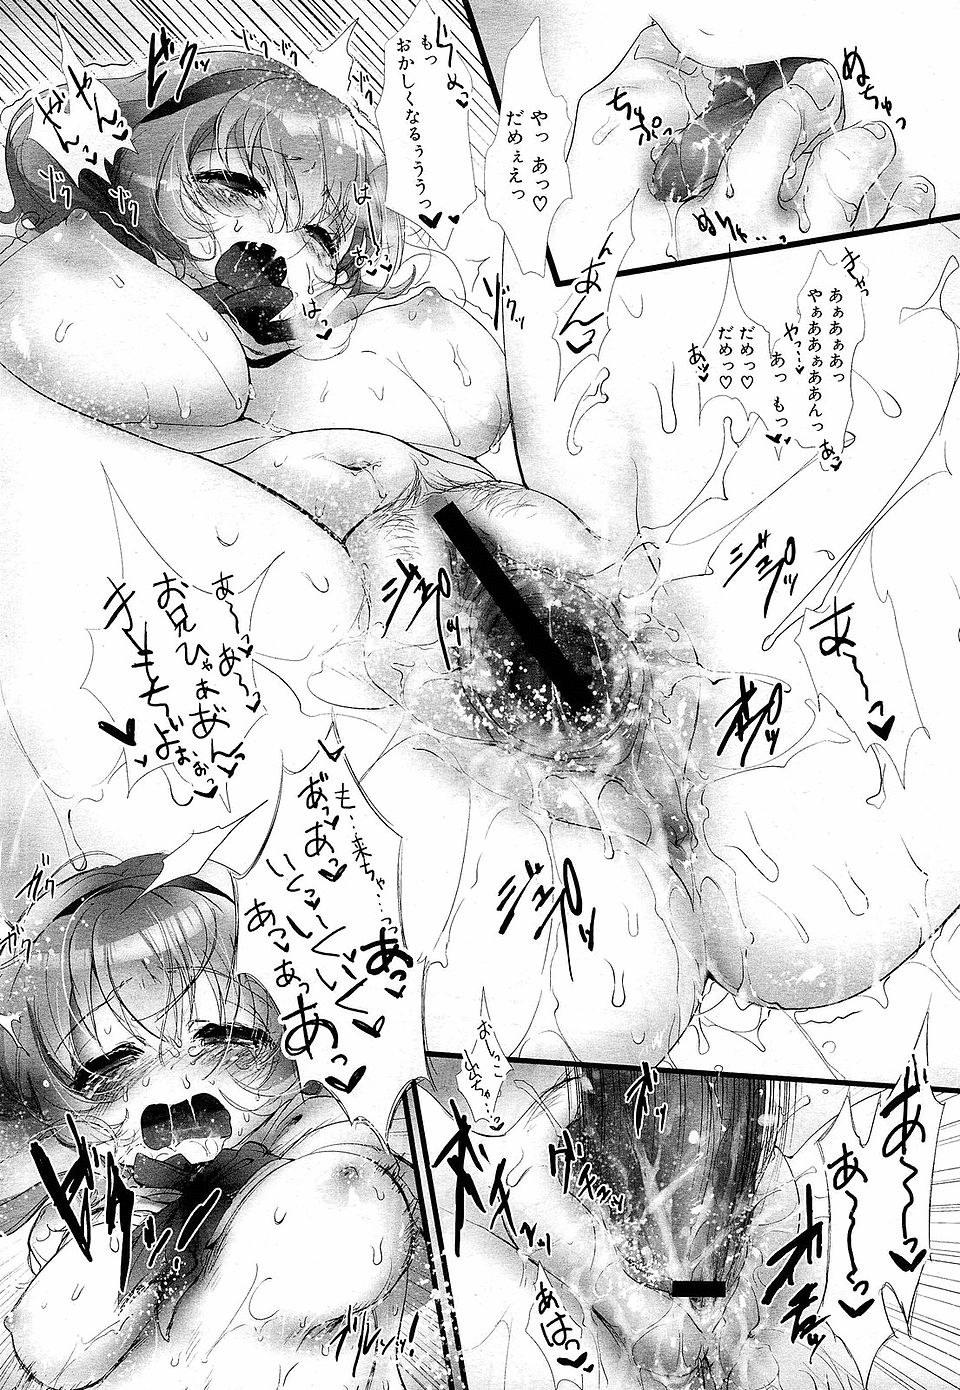 【エロ漫画・同人誌】雨の中で帰宅途中の巨乳JKが道でお漏らしして目撃された結果ストーカー男の家でセックスしちゃうwww 016